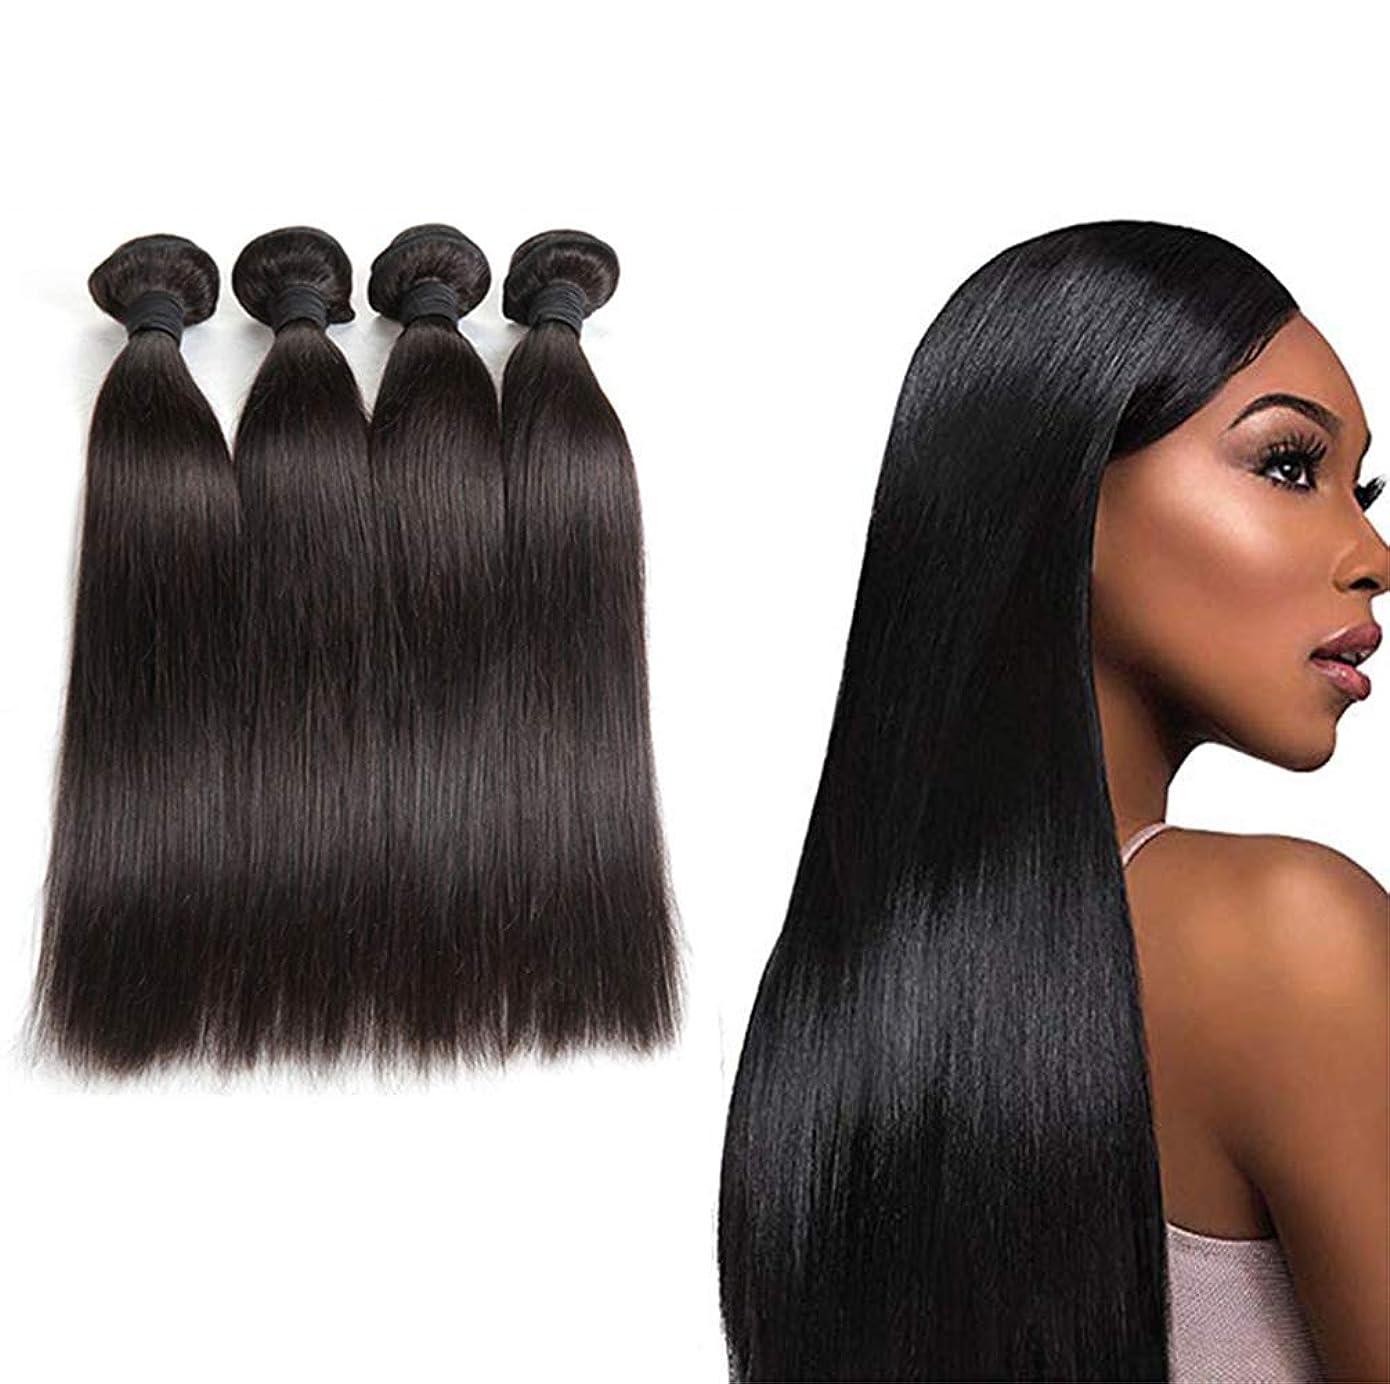 成熟イースター形式女性ブラジルのストレートヘア安いブラジルの髪の束ストレート人間の髪の束ナチュラルブラックカラー300グラム(3バンドル)